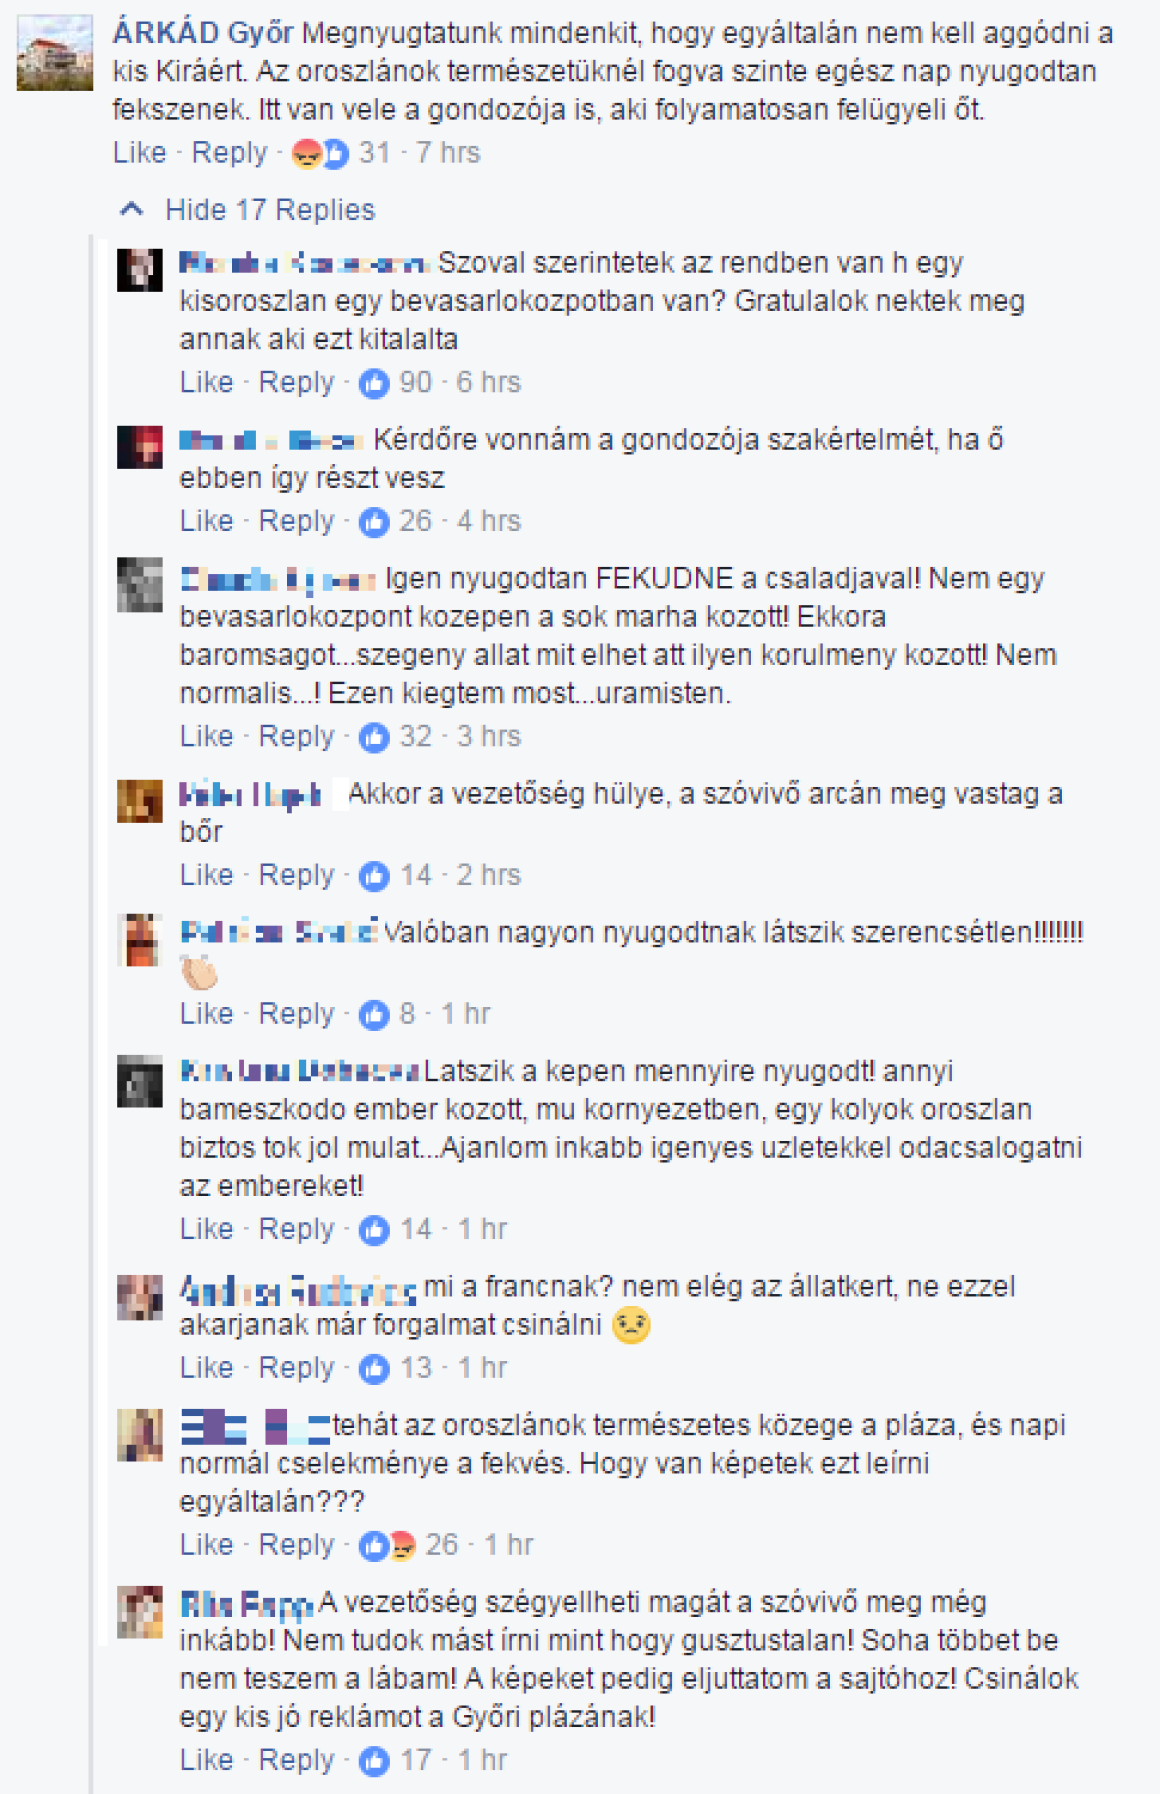 Kisoroszlánt stresszelnek szét a győri Árkádban, háborog az internet